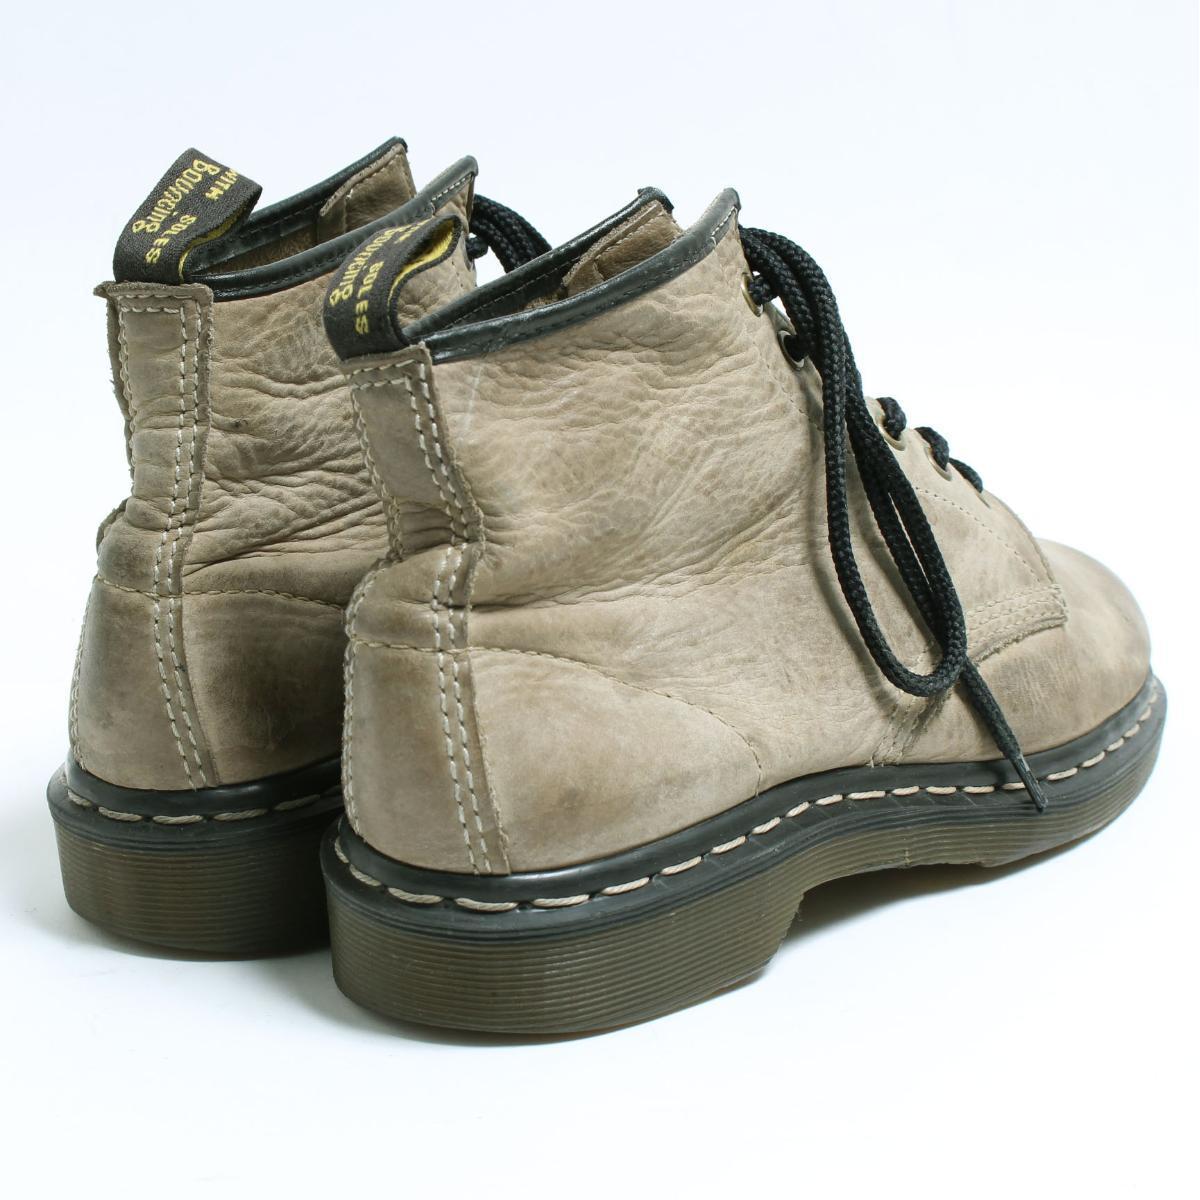 UK6 .5 men's 25.0cm /bon6621 made in the doctor Martin Dr.Martens 6 hall boots U.K.